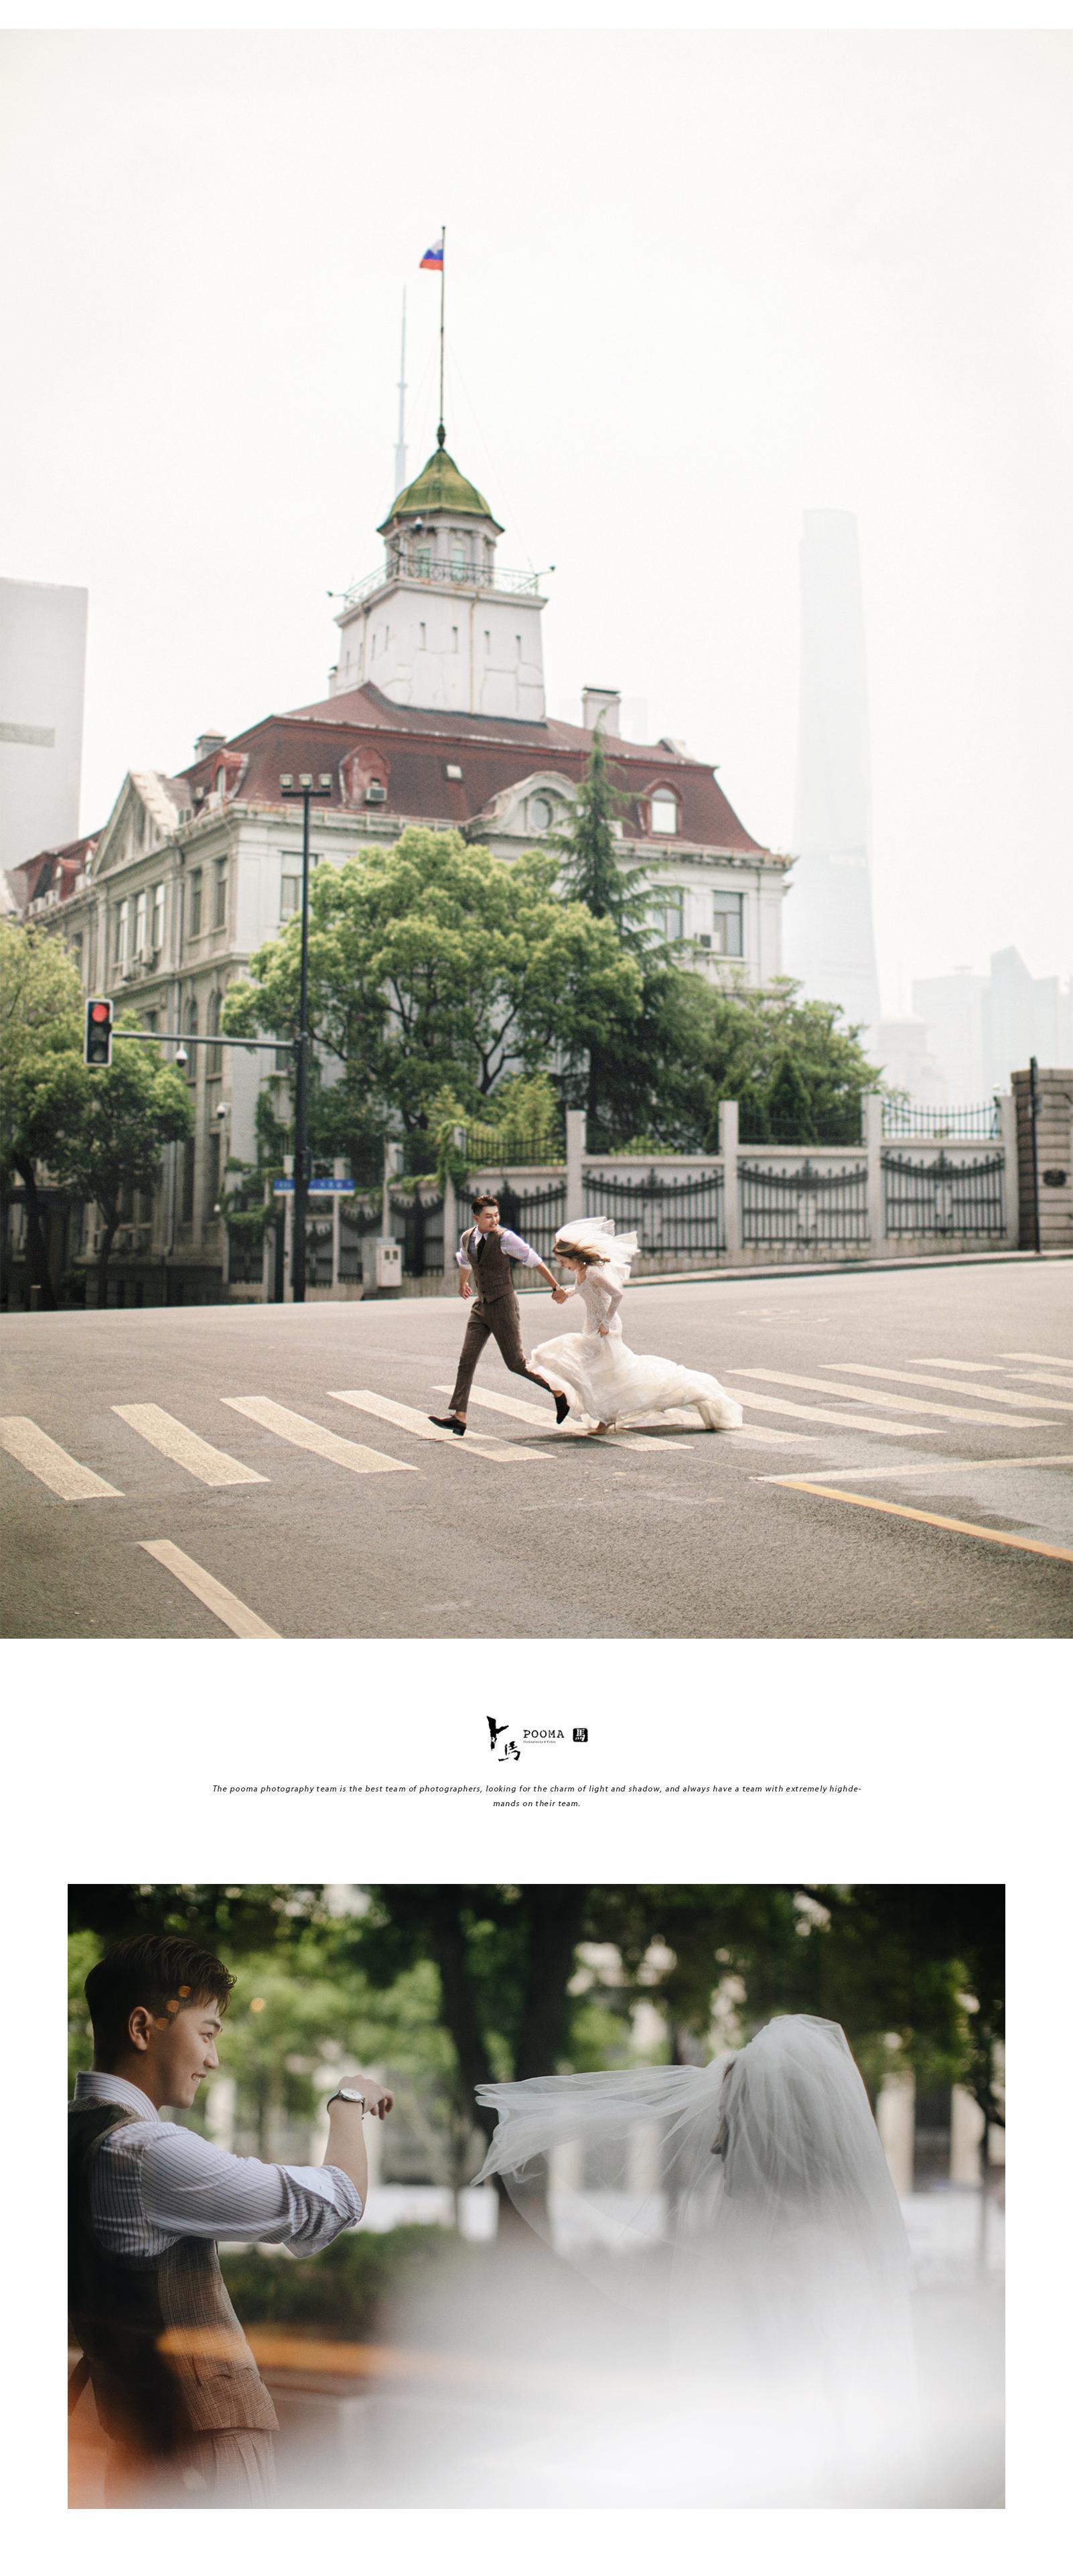 终会有人保护好你的少女心牵着你到处奔跑看着你傻笑摄于 | 上海